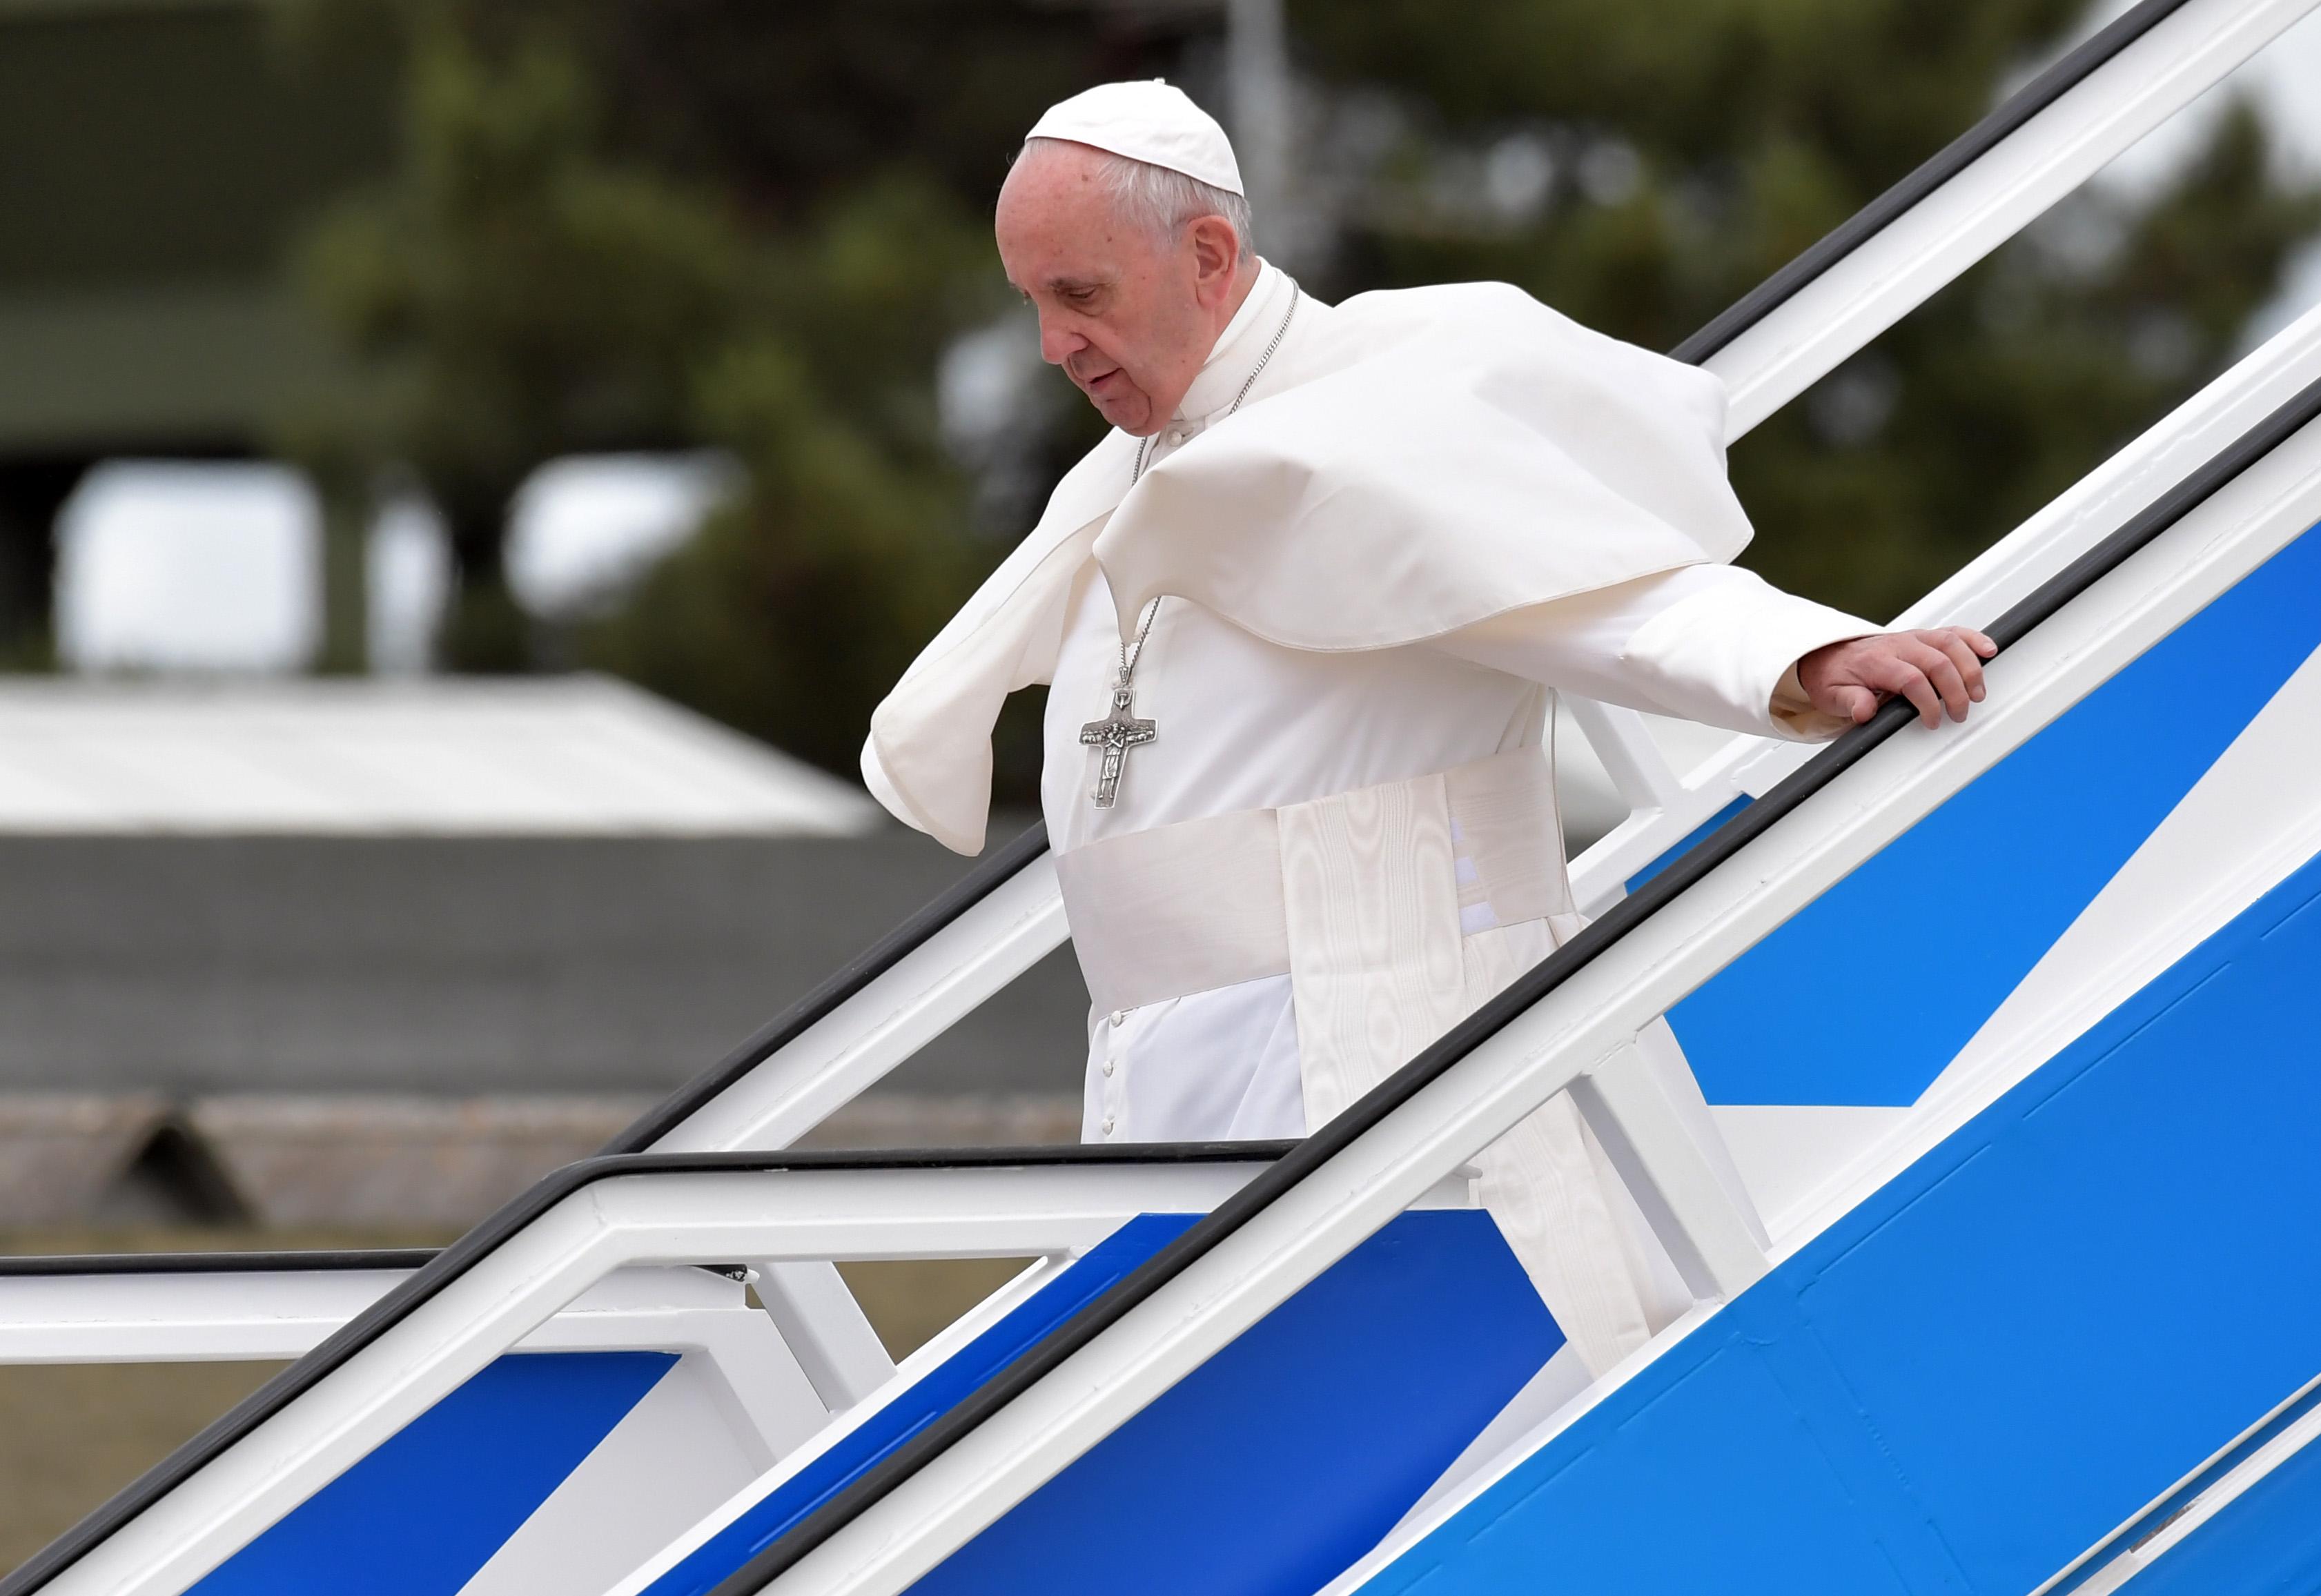 El papa Francisco sale de, avión que lo llevó a Fátima (Portugal) en el marco de la celebración del centenario de las apariciones de la Virgen María. (Crédito: TIZIANA FABI/AFP/Getty Images)